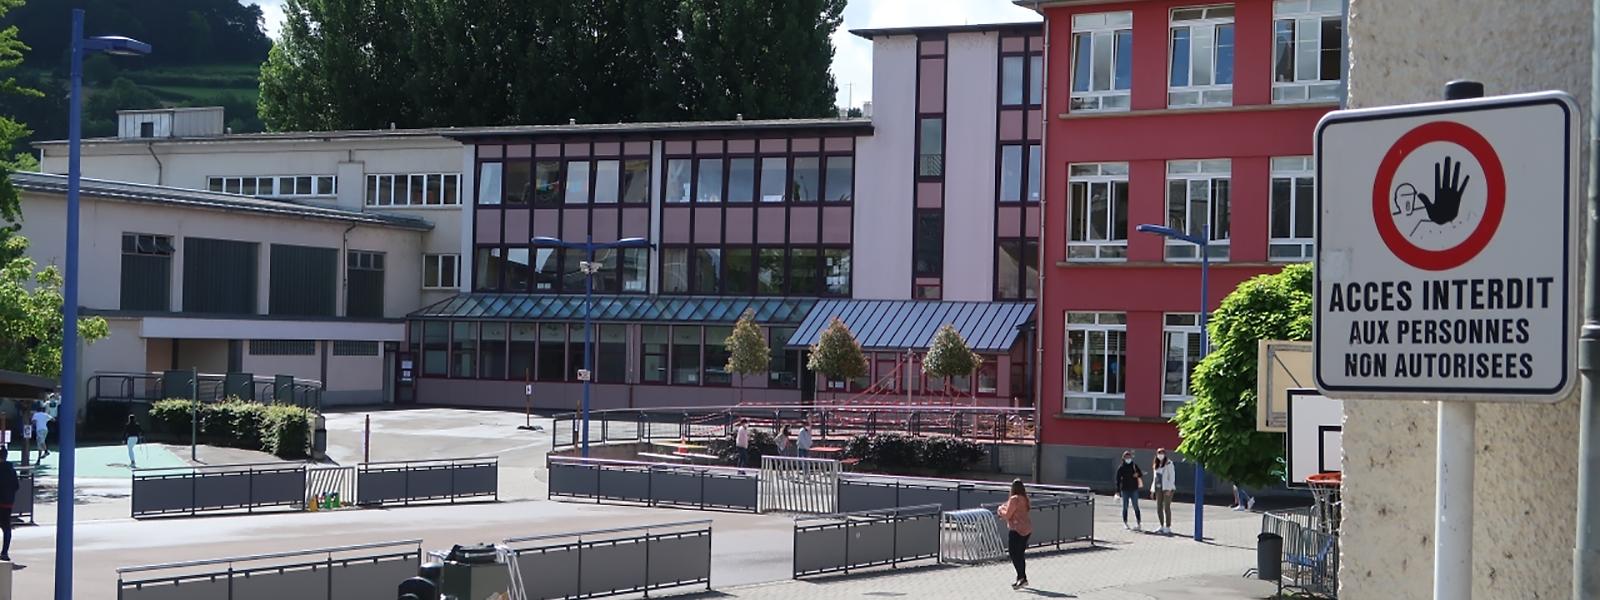 Im Ettelbrücker Schulhof war es am Freitagabend zu einer größeren Schlägerei gekommen. Vor Ort ist man über den Vorfall bestürzt.